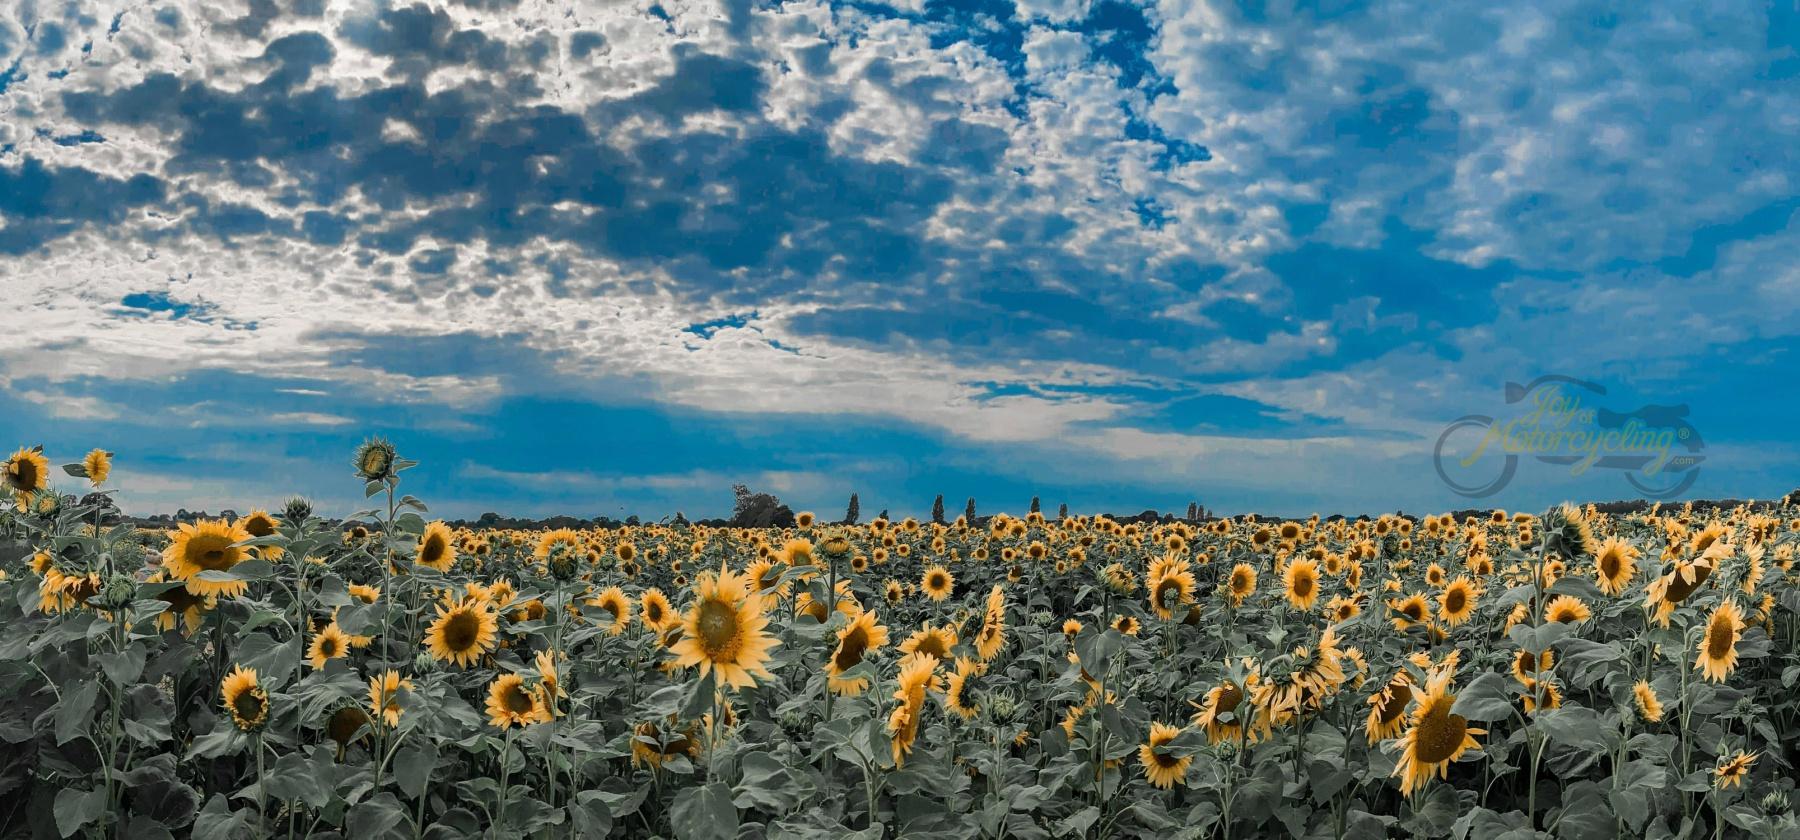 USA - Photo by Tamara Gore via Unsplash